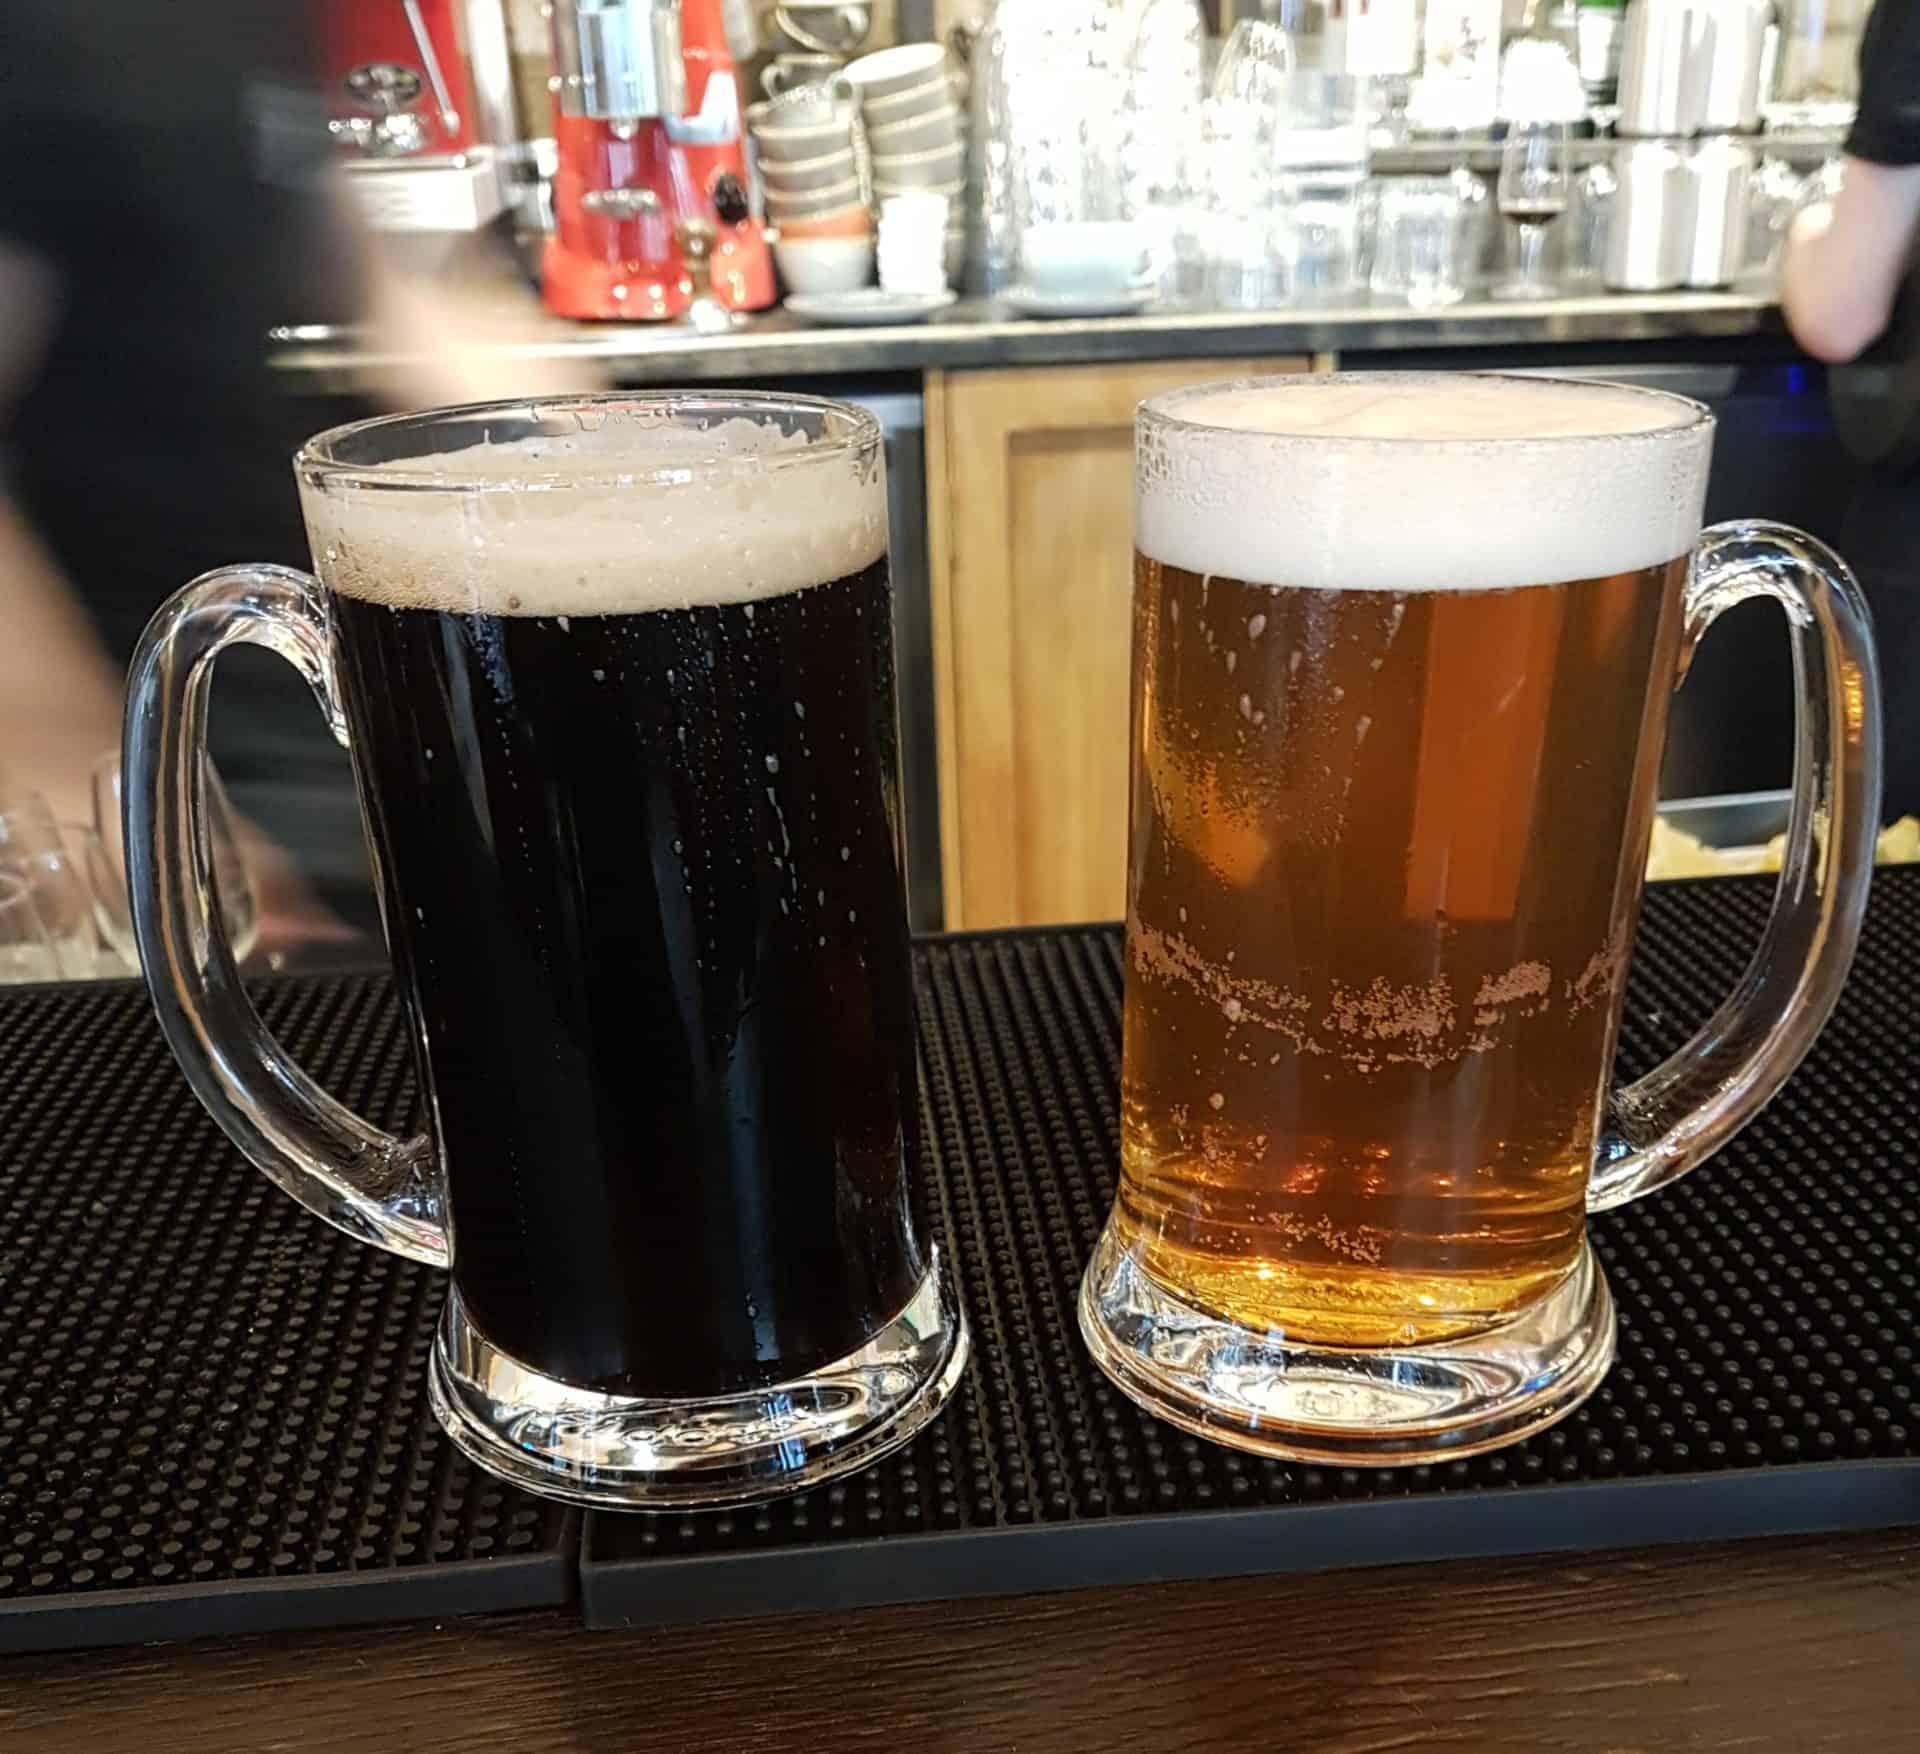 long arm 2 beers